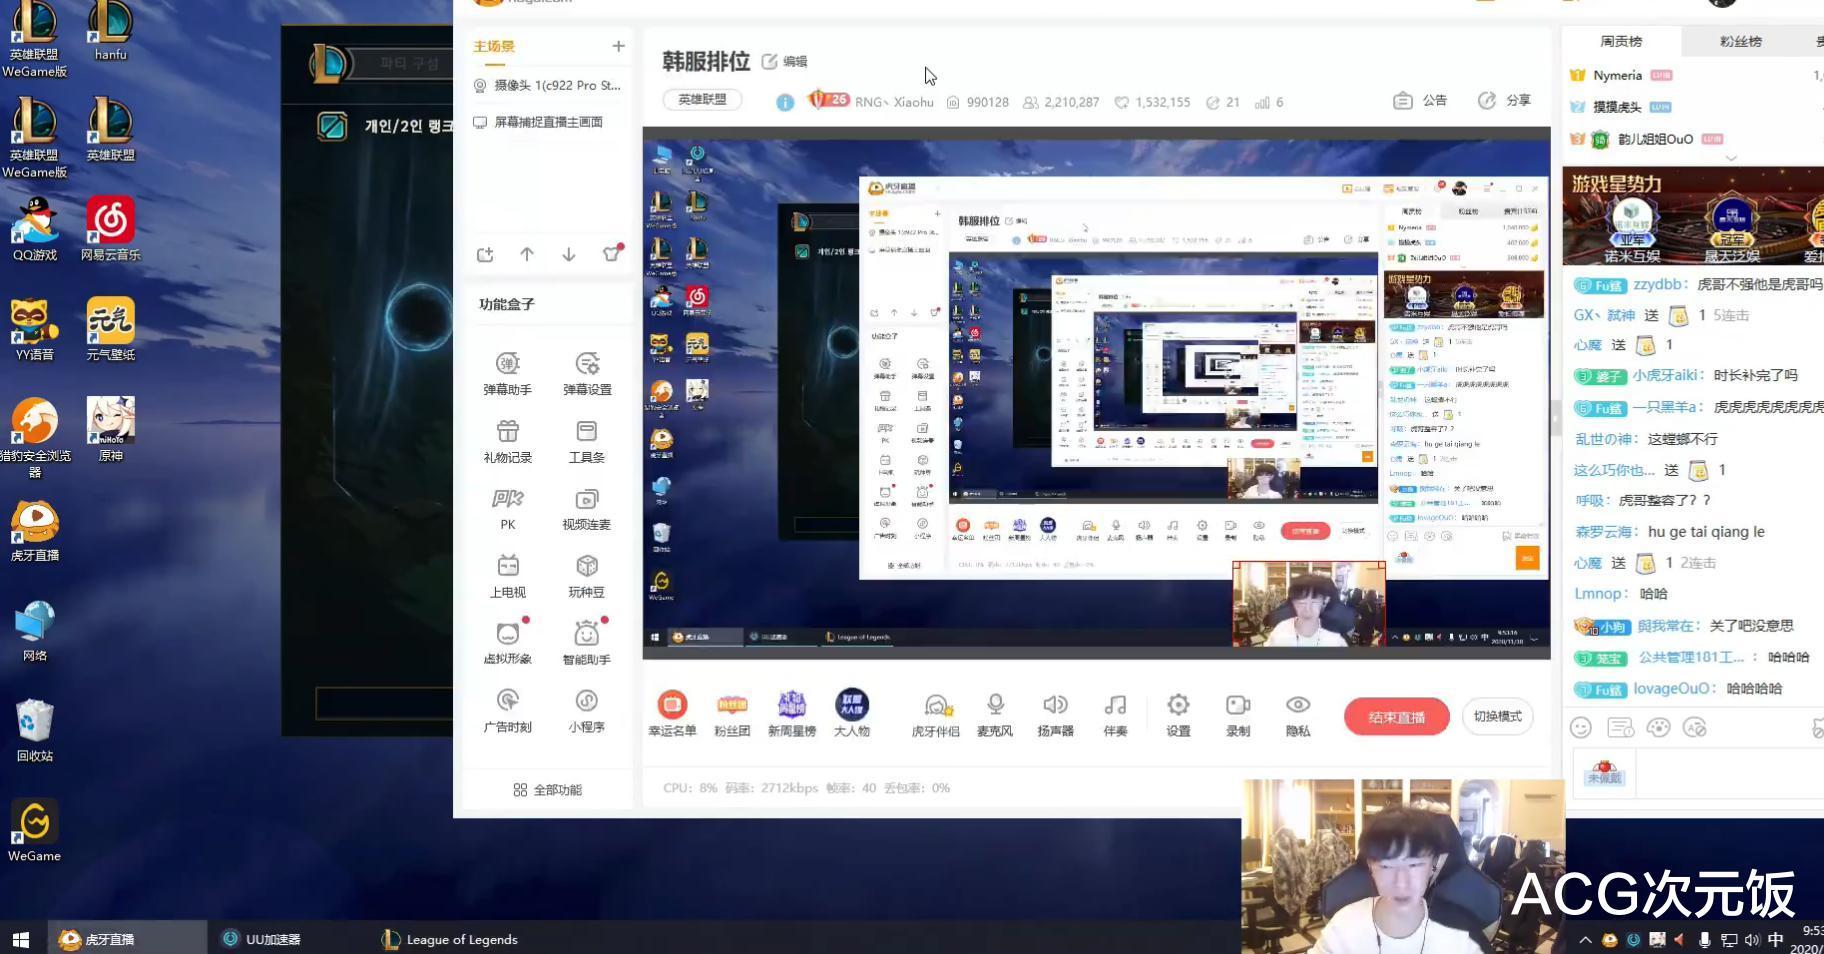 《【煜星娱乐注册平台官网】RNG小虎也玩原神!直播时桌面图标暴露,但现在他没时间玩了》